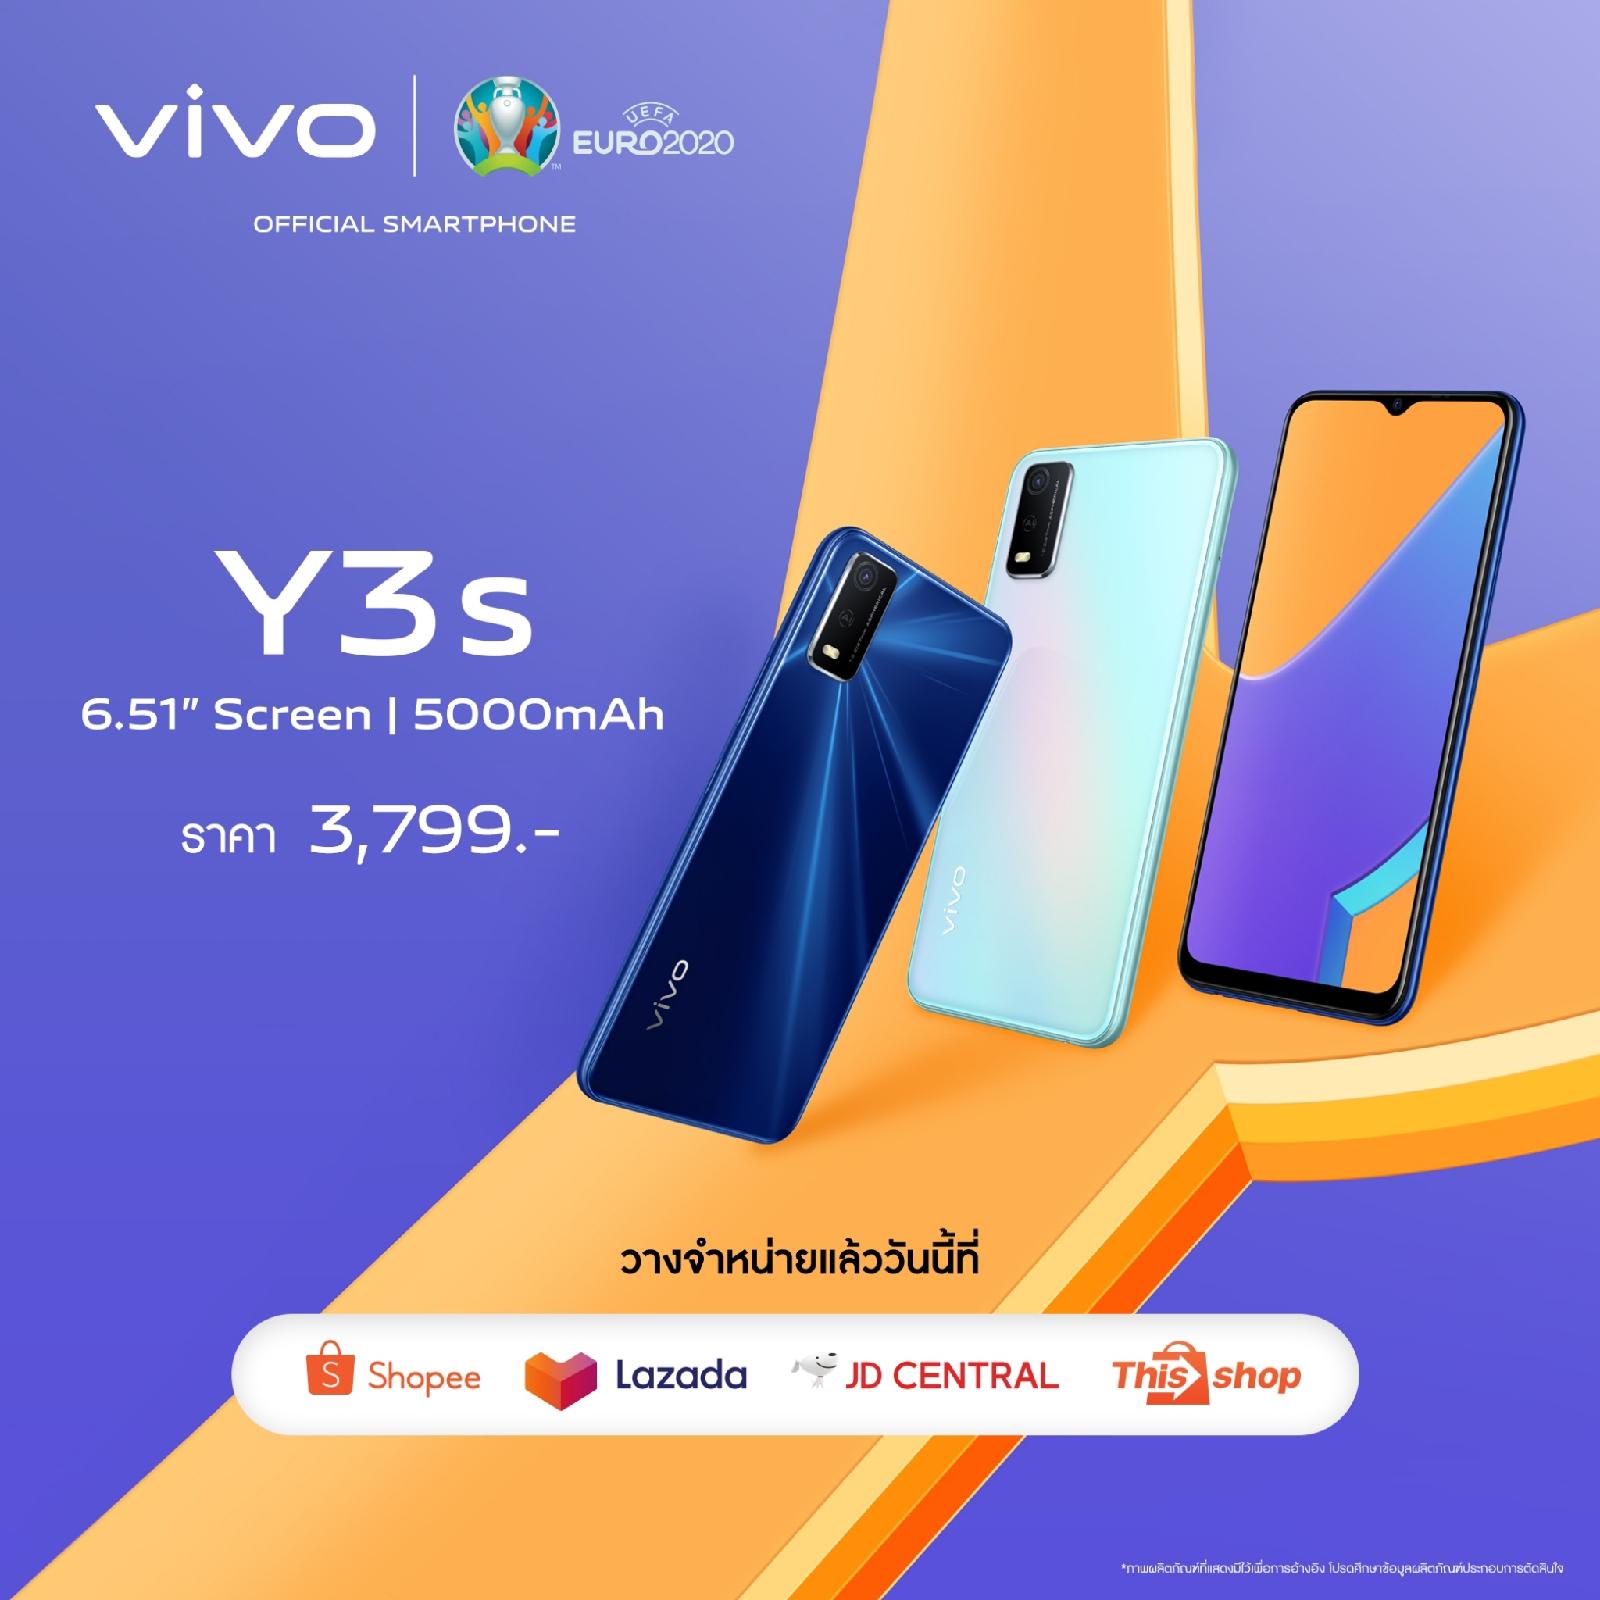 vivo ส่งสมาร์ตโฟน Y3s รุ่นเล็กสเปกแน่นรับแคมเปญ 6.6 พร้อมบุกทุกช่องทางออนไลน์ในราคาเพียง 3,799 บาท!